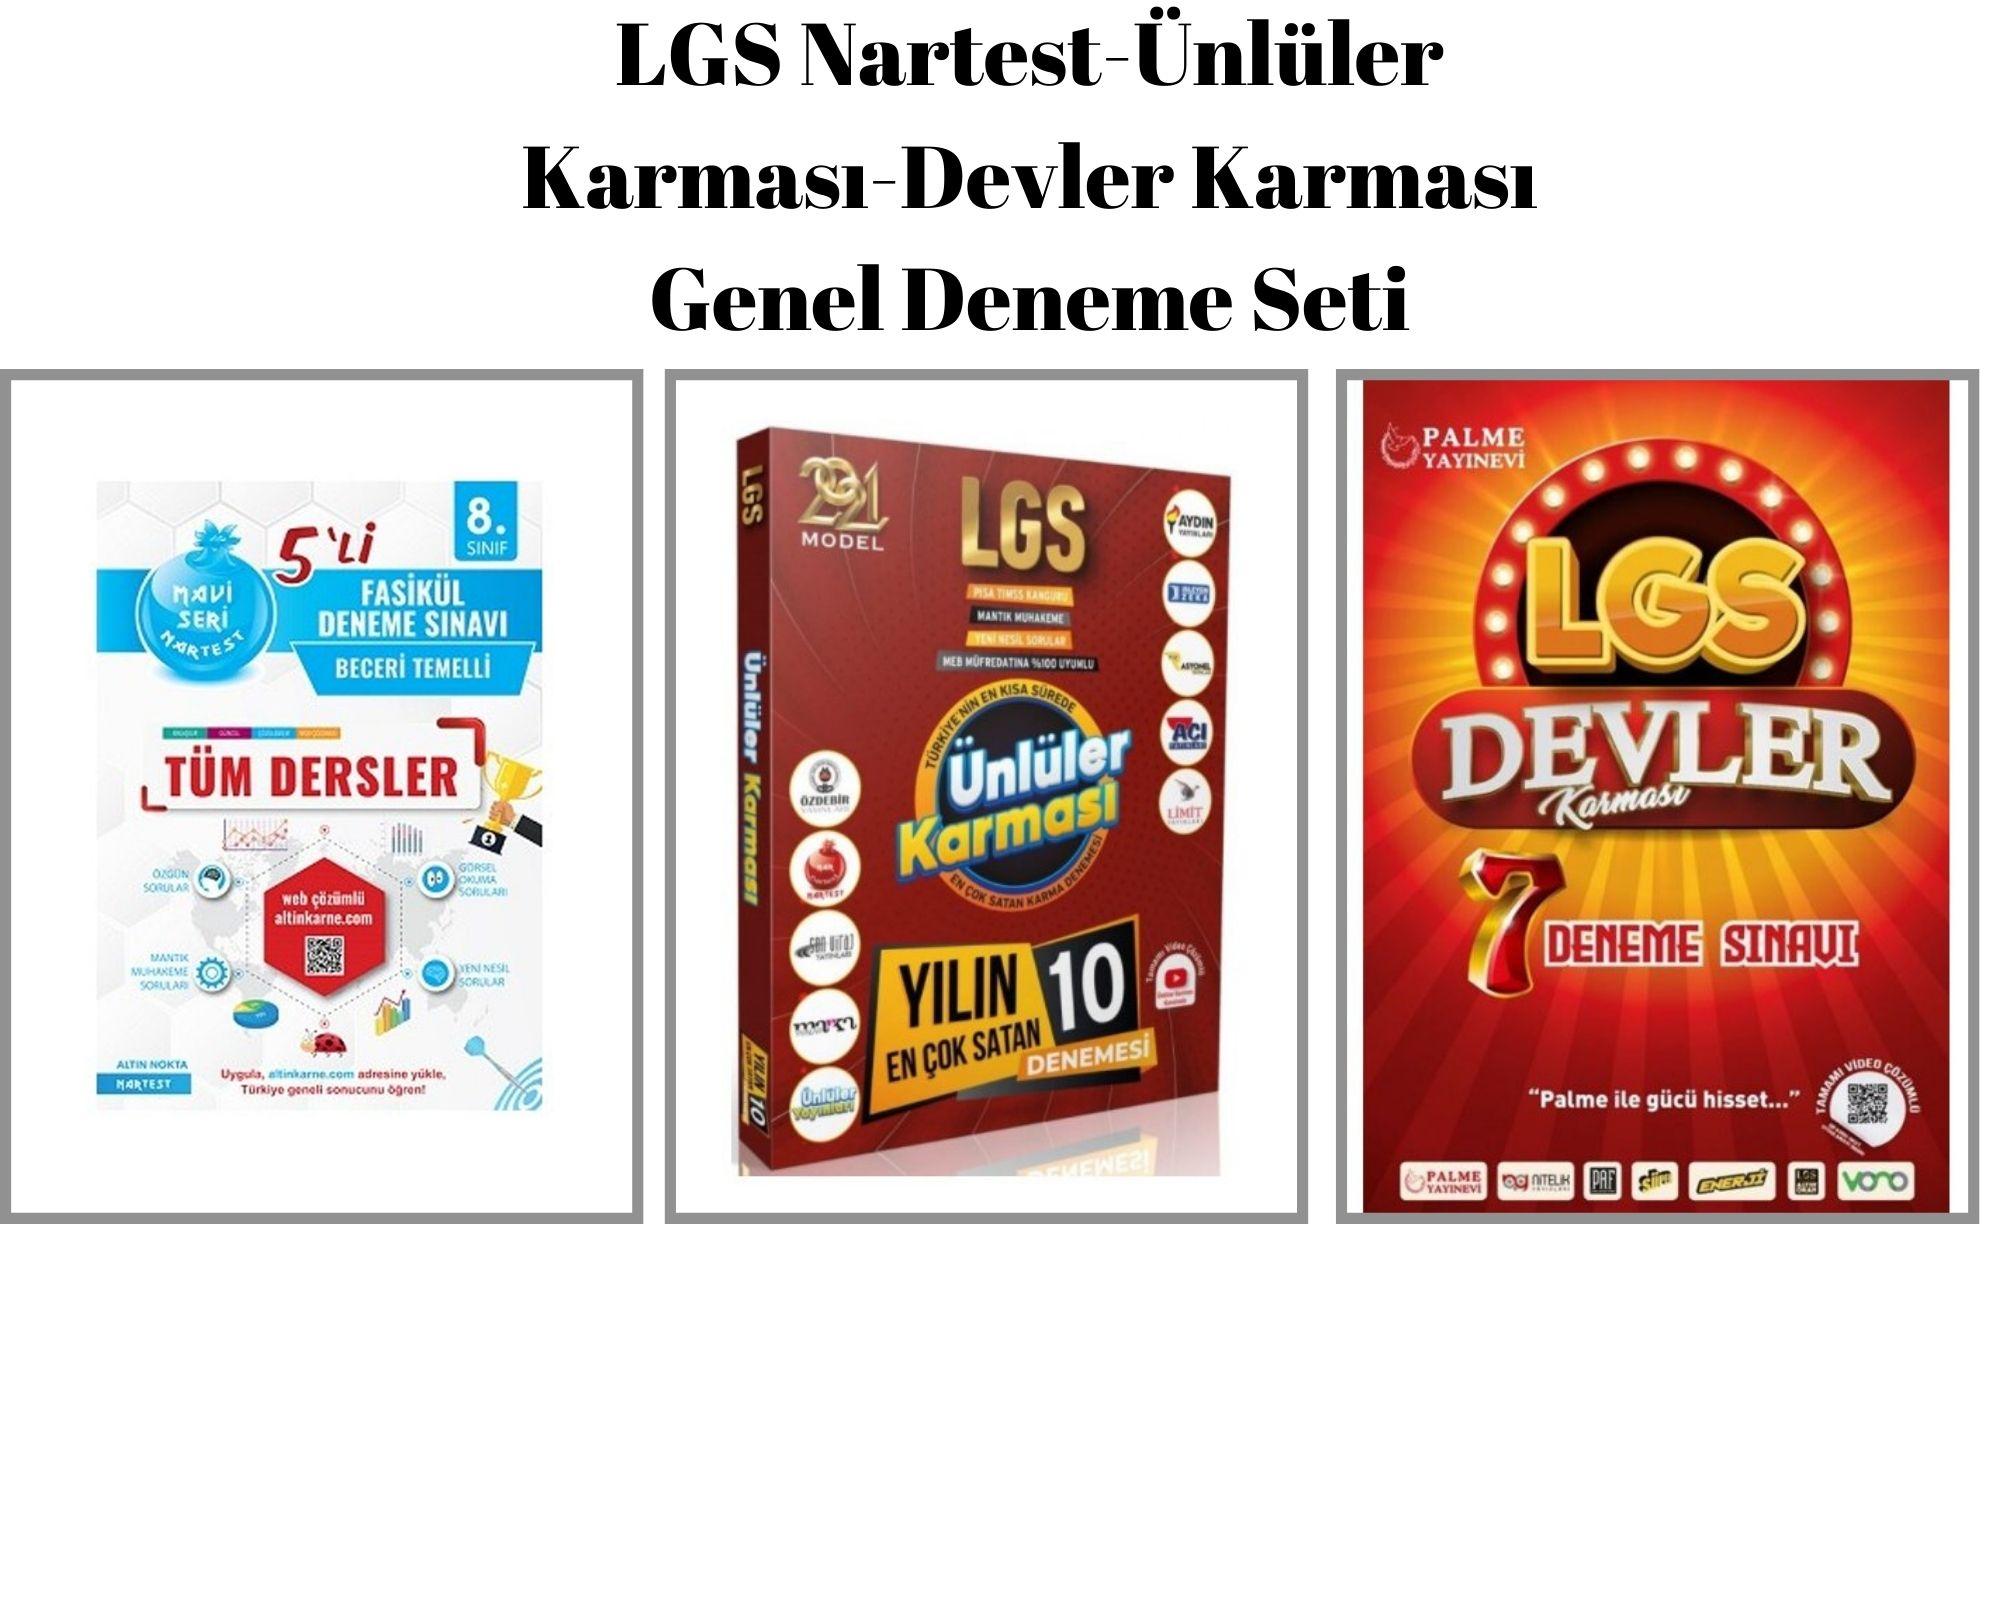 LGS Nartest-Ünlüler Karması-Devler Karması Genel Deneme Seti